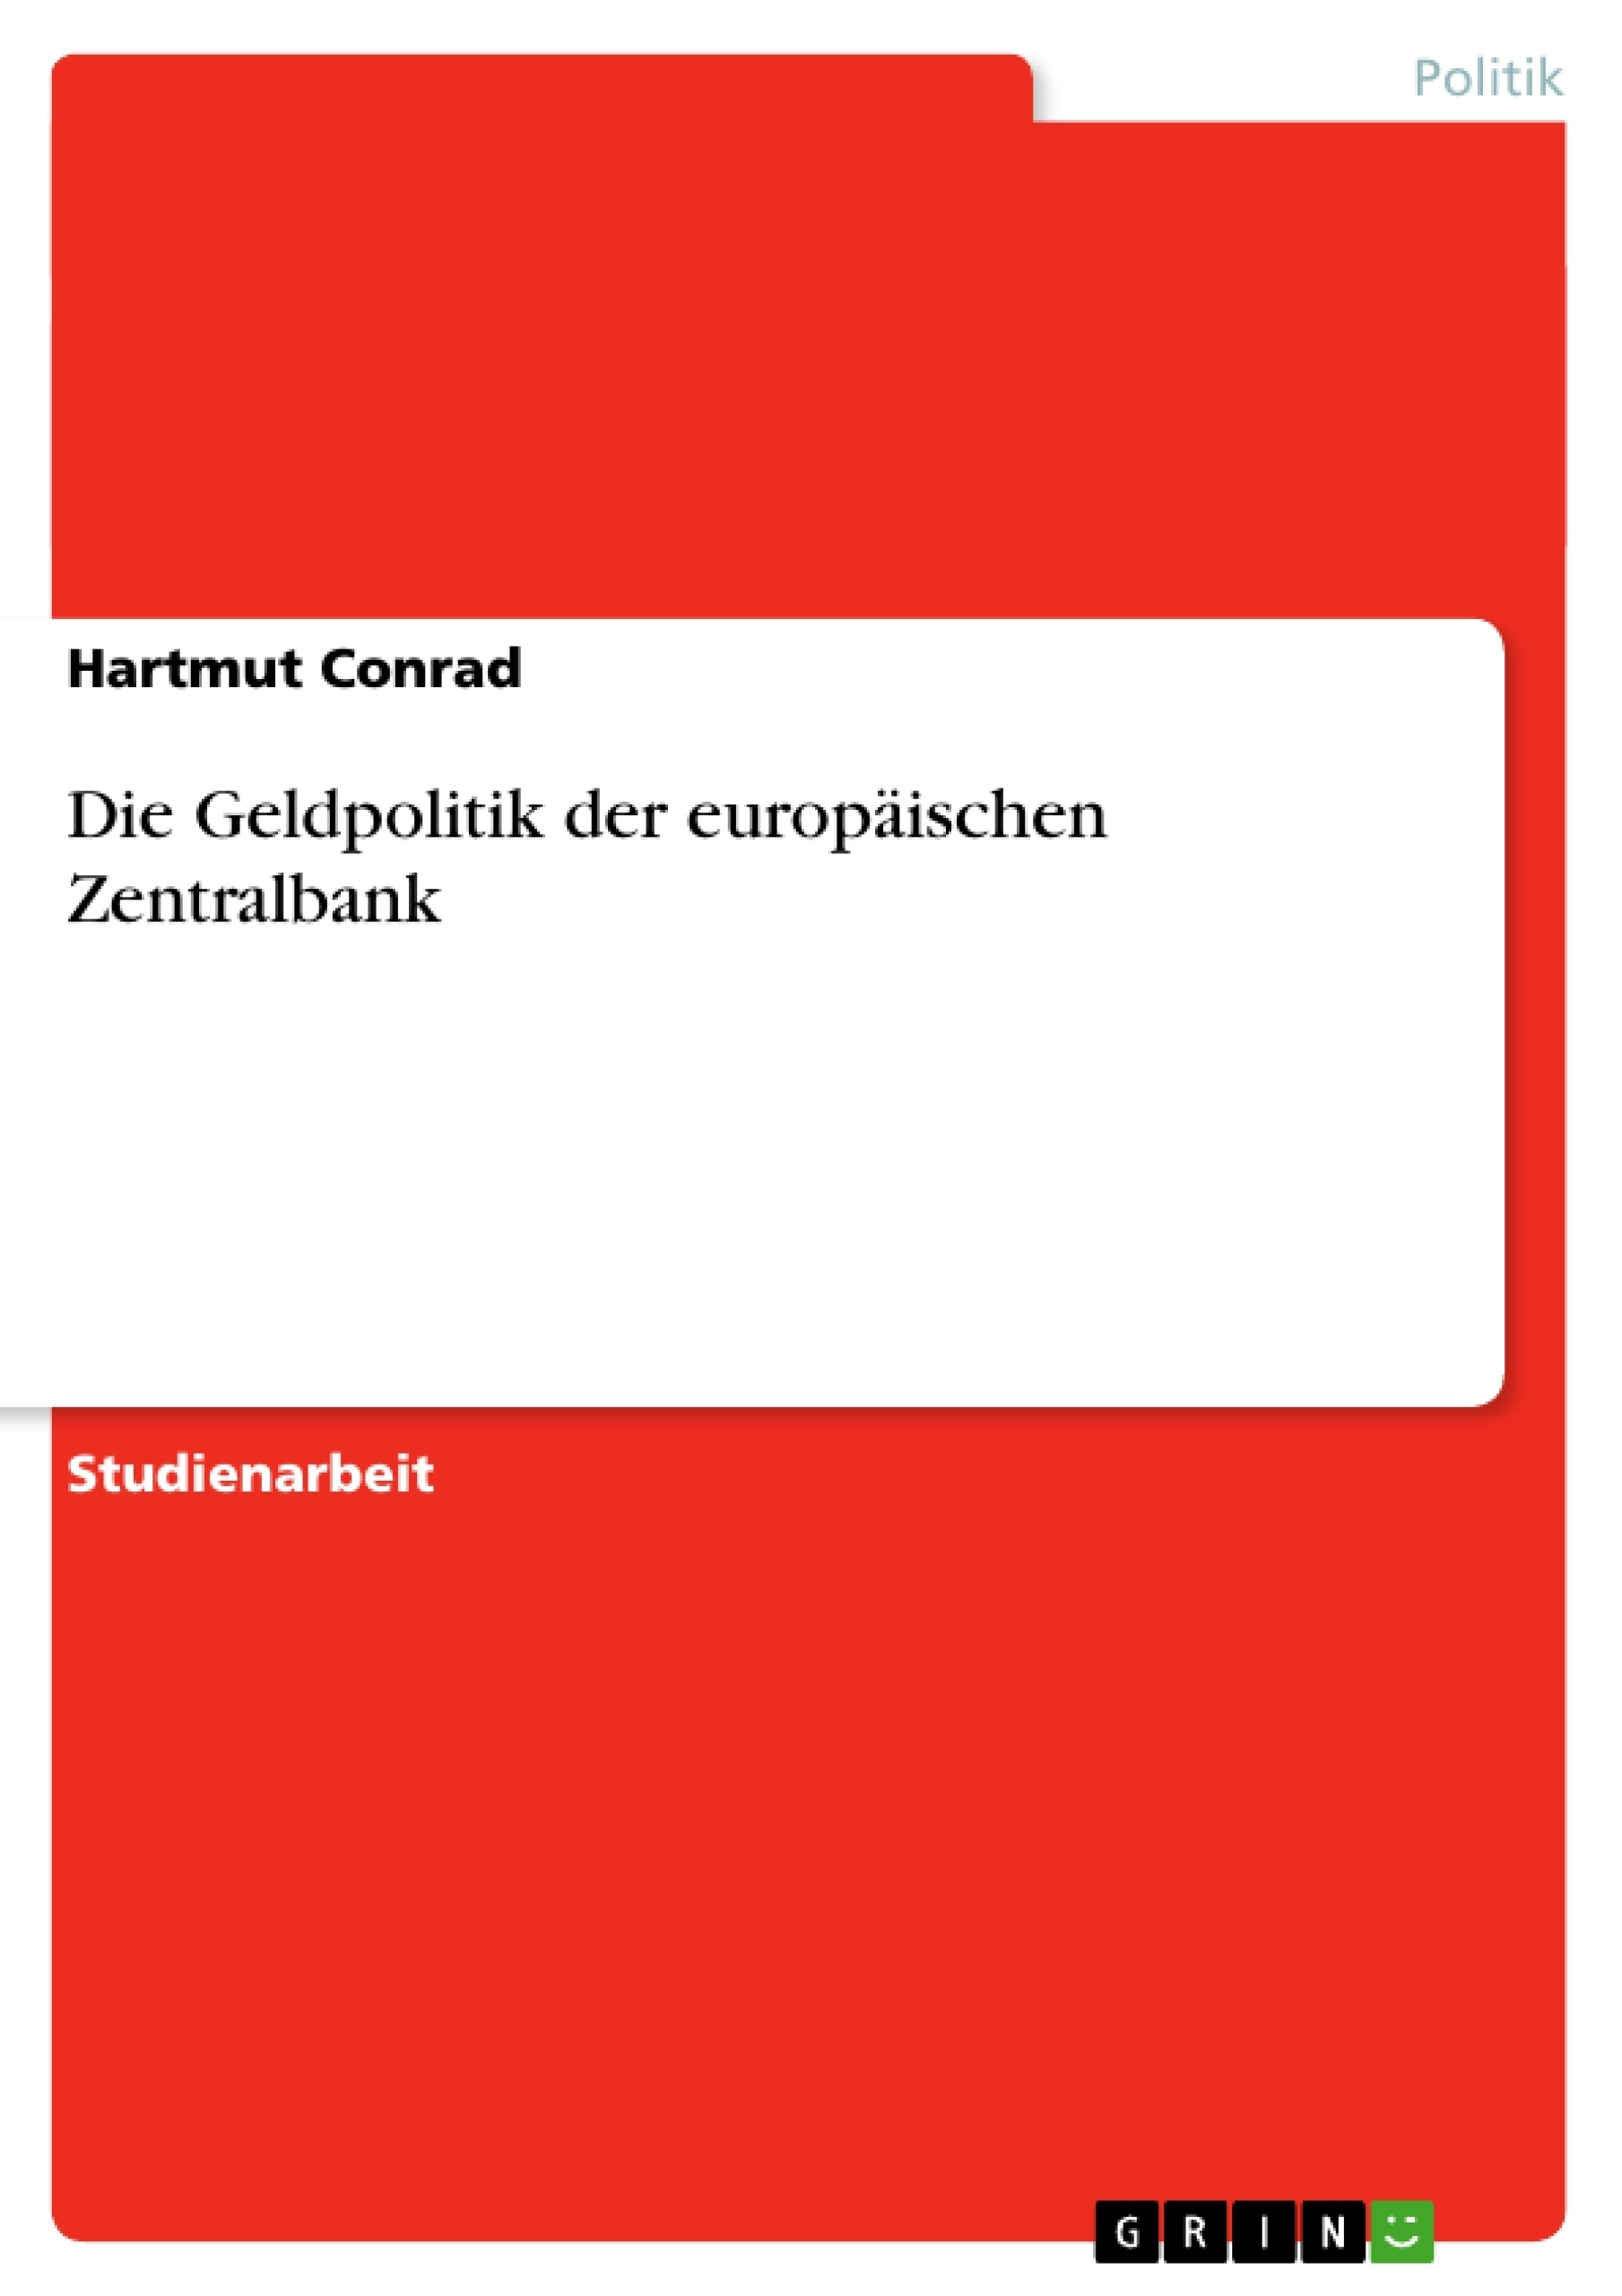 Titel: Die Geldpolitik der europäischen Zentralbank